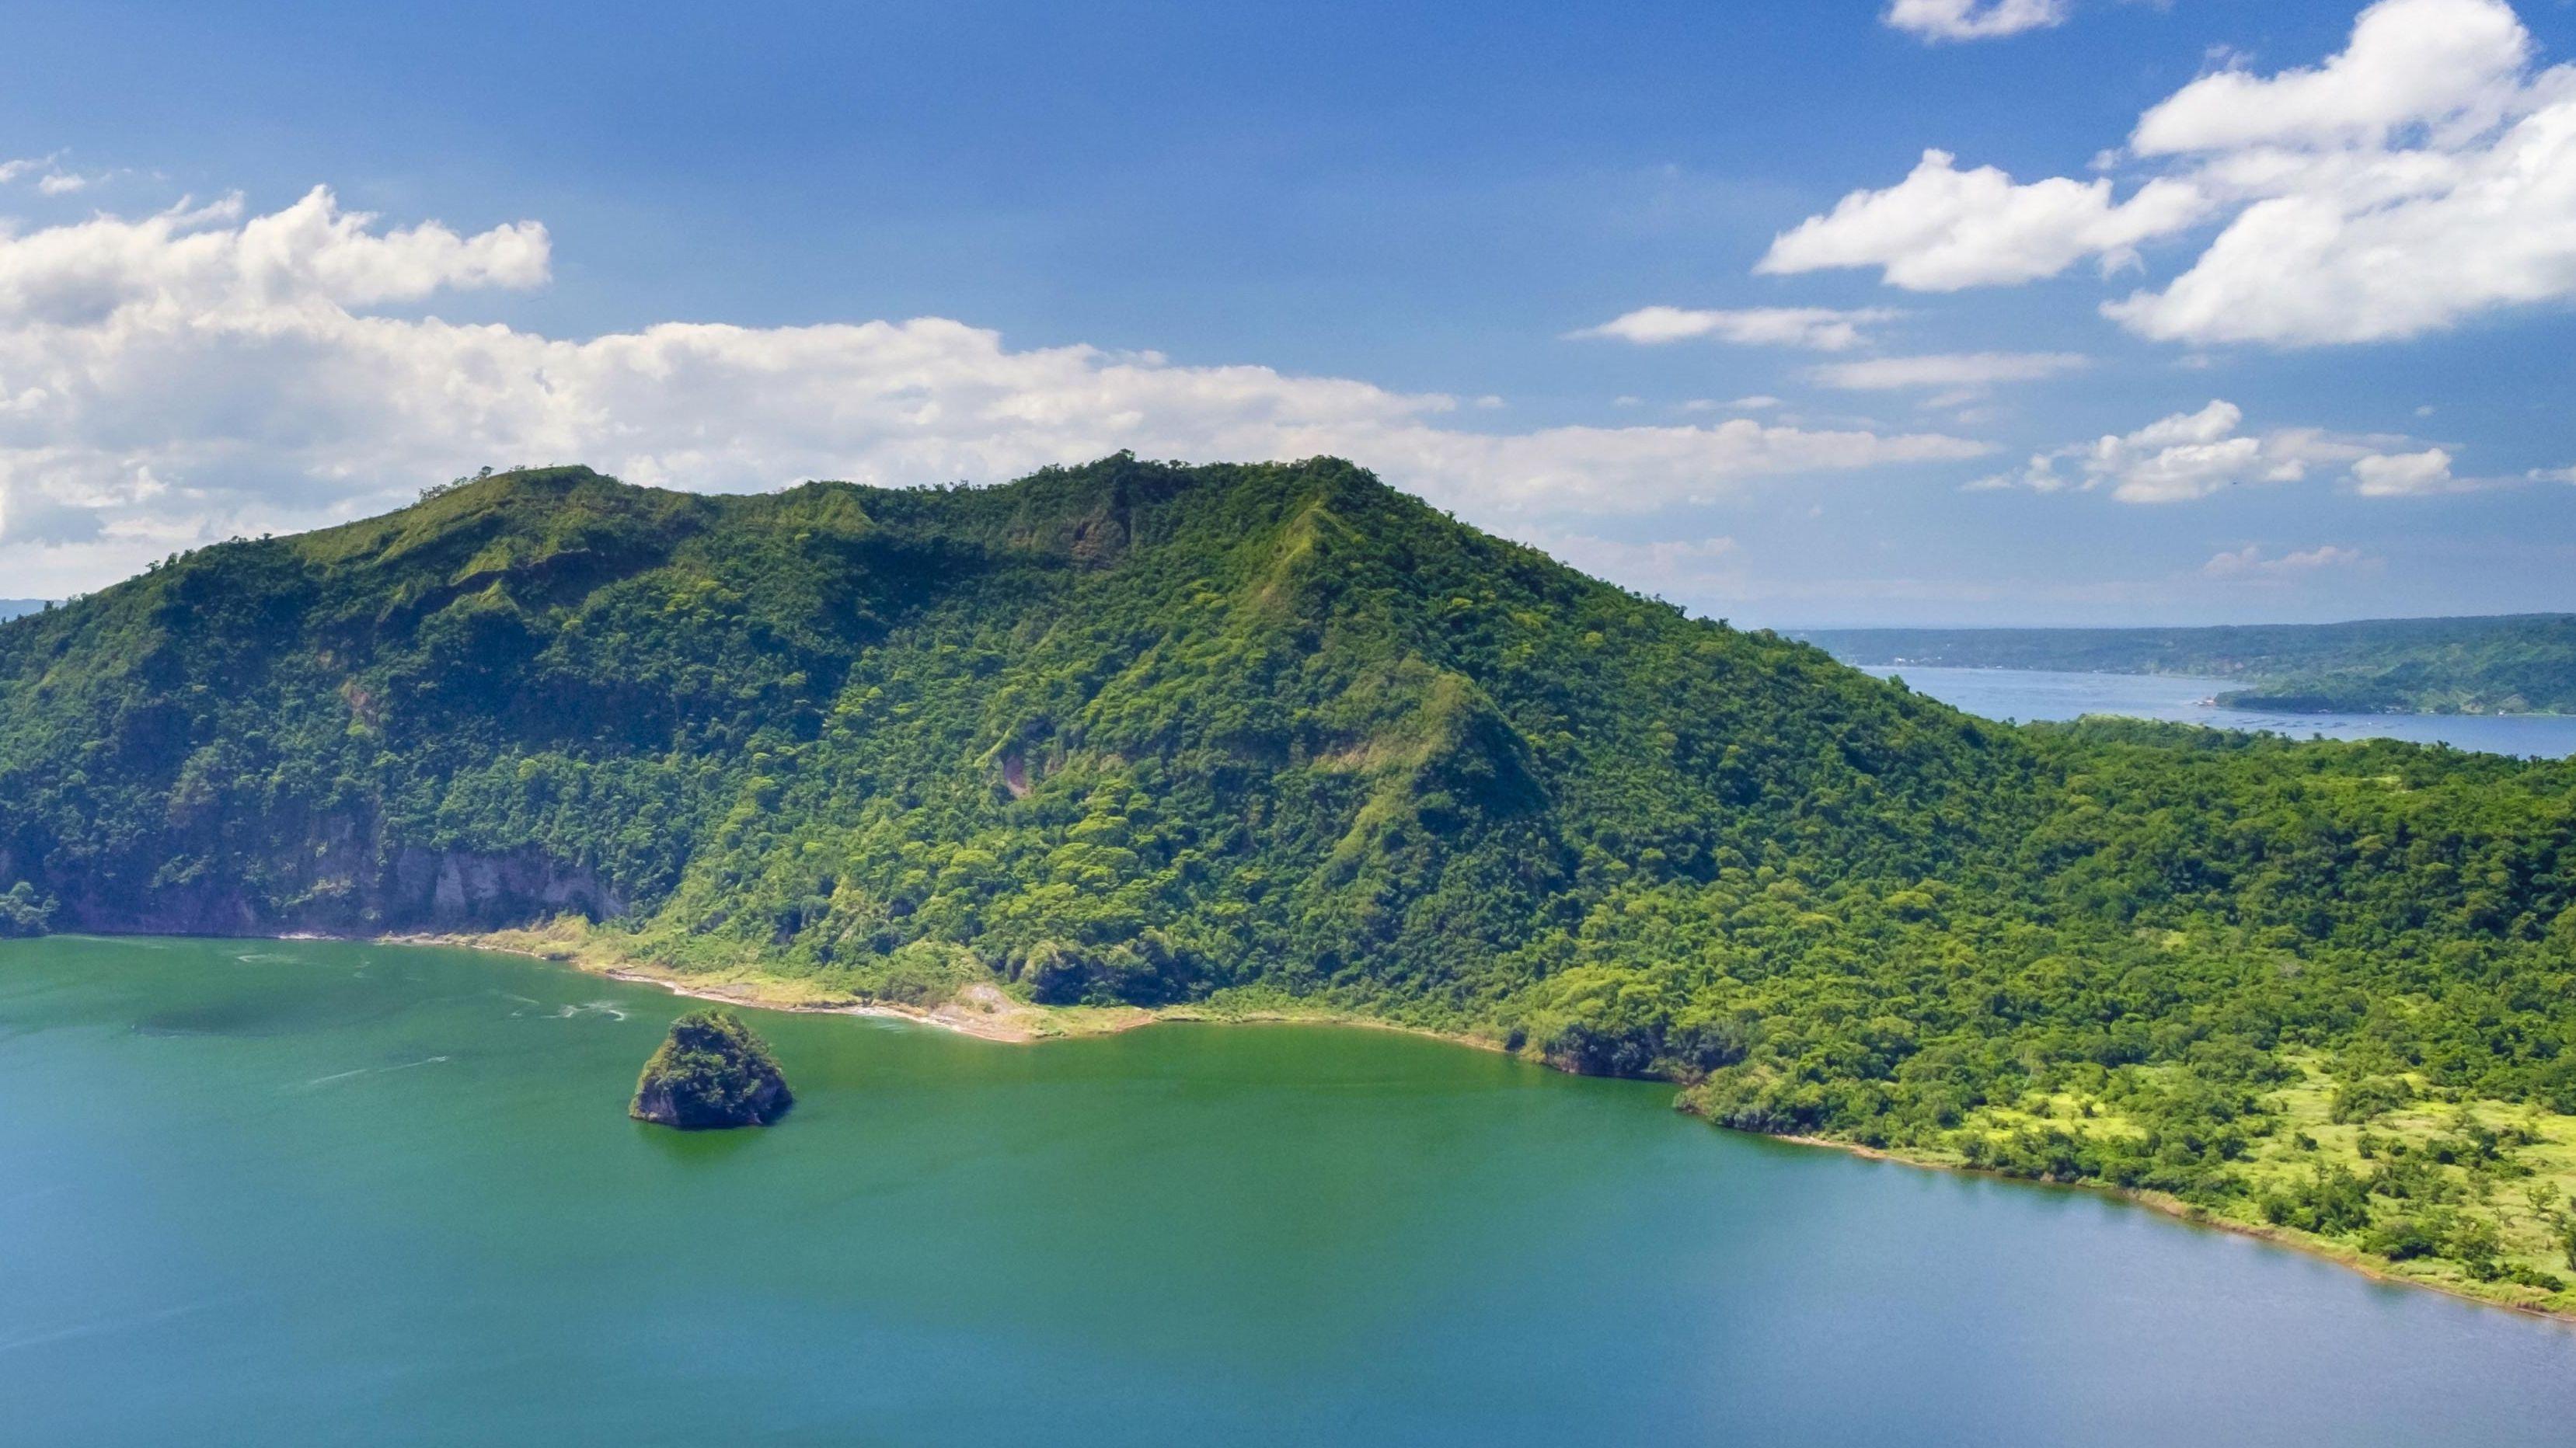 Eine der unzähligen philippinischen Inseln von oben